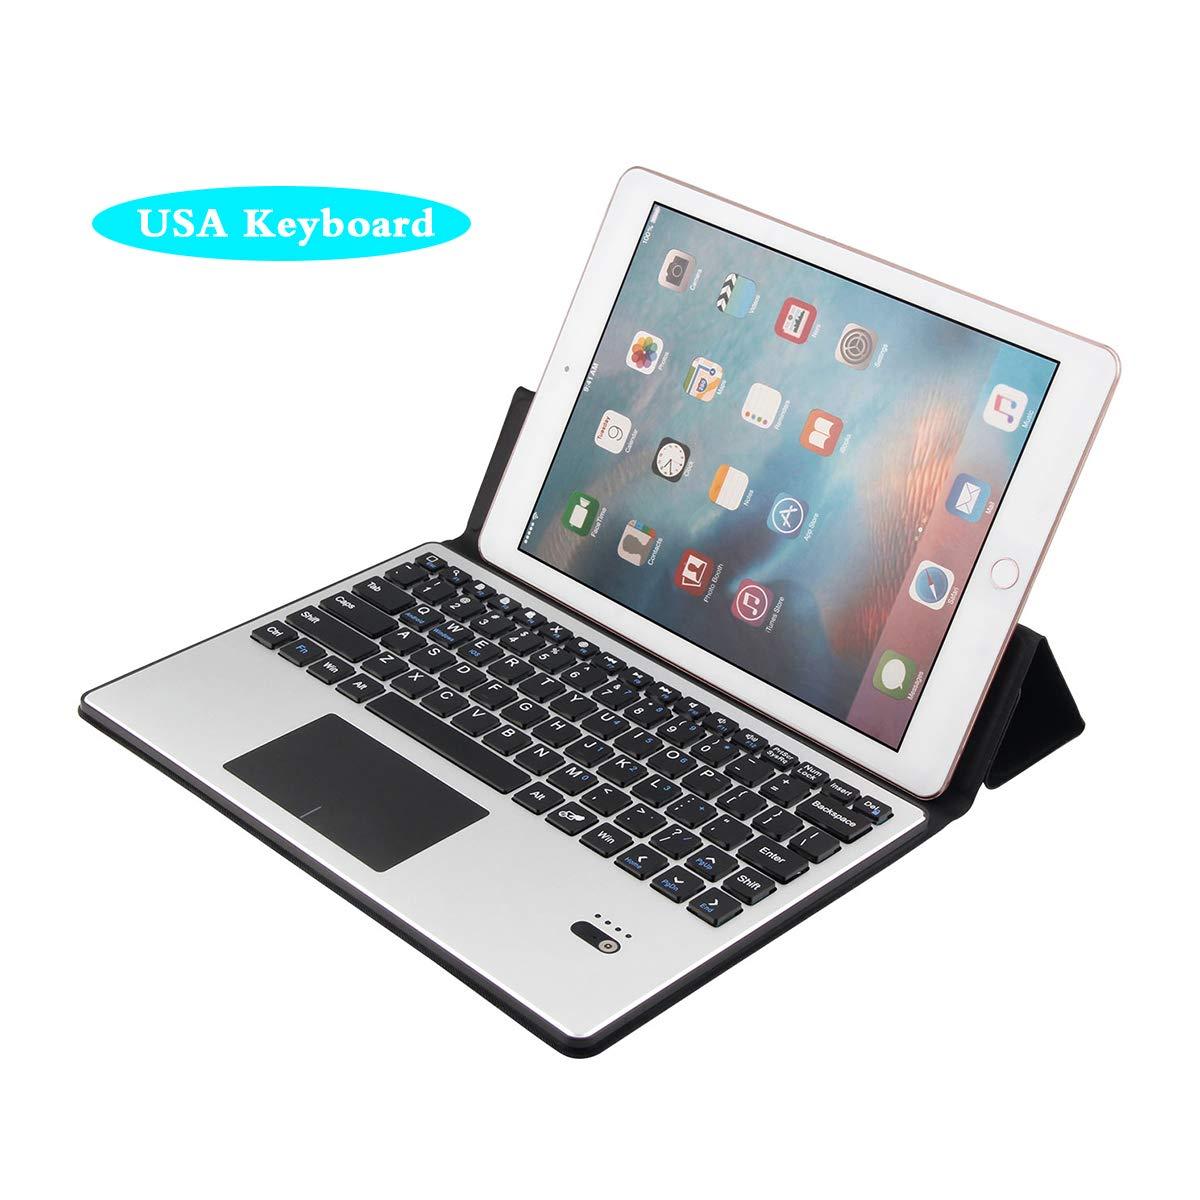 Happon 10.1インチ タブレット USA キーボードケースセット 取り外し可能なワイヤレスUSAキーボードタブレットプロテクターケース付き フリップ 耐衝撃 10.1インチタブレット USAキーボード用 ブラック   B07KTZ246T